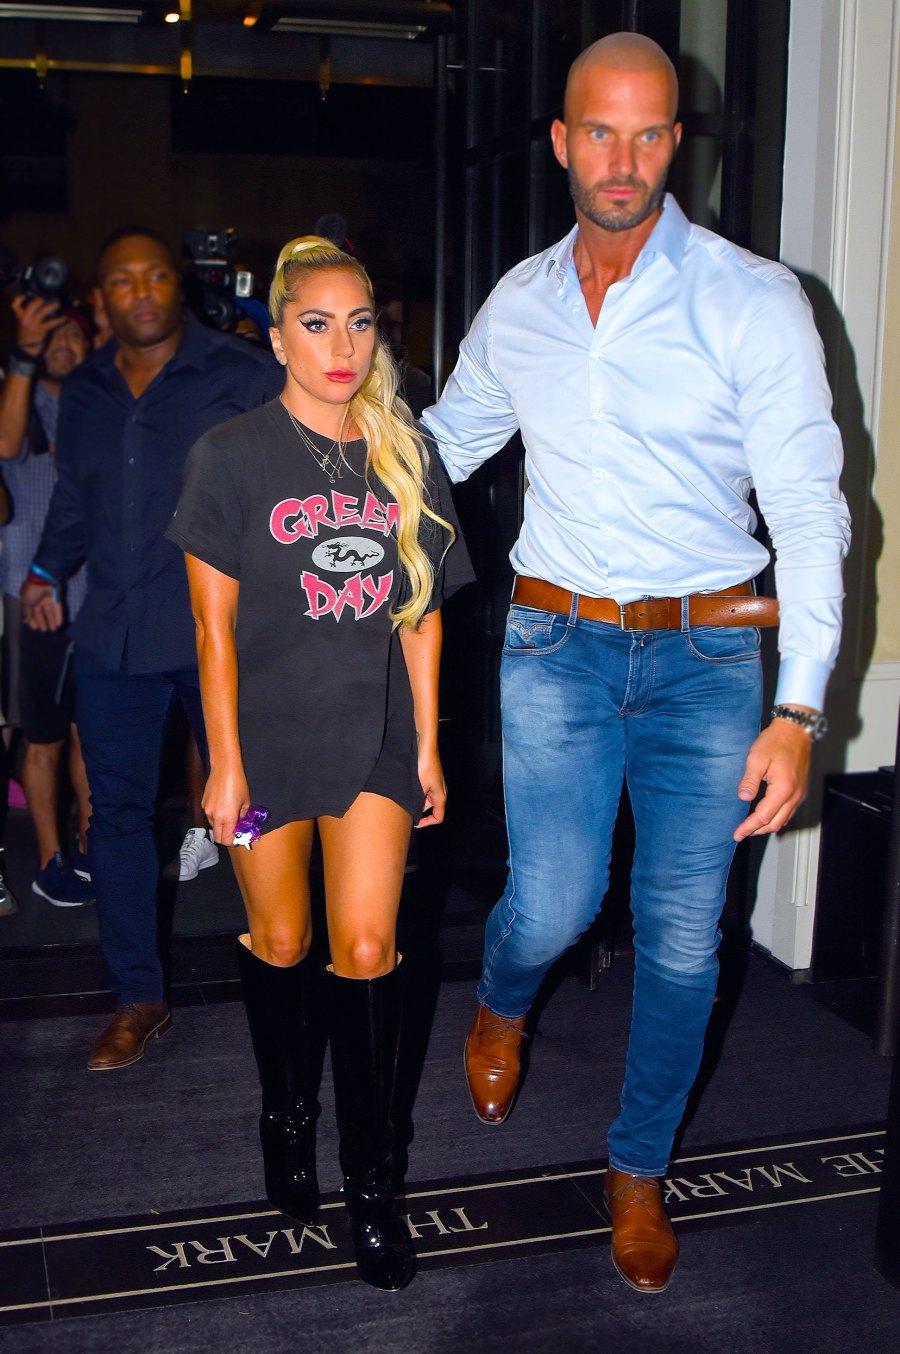 Lady Gaga 80s Look New York June 24, 2019